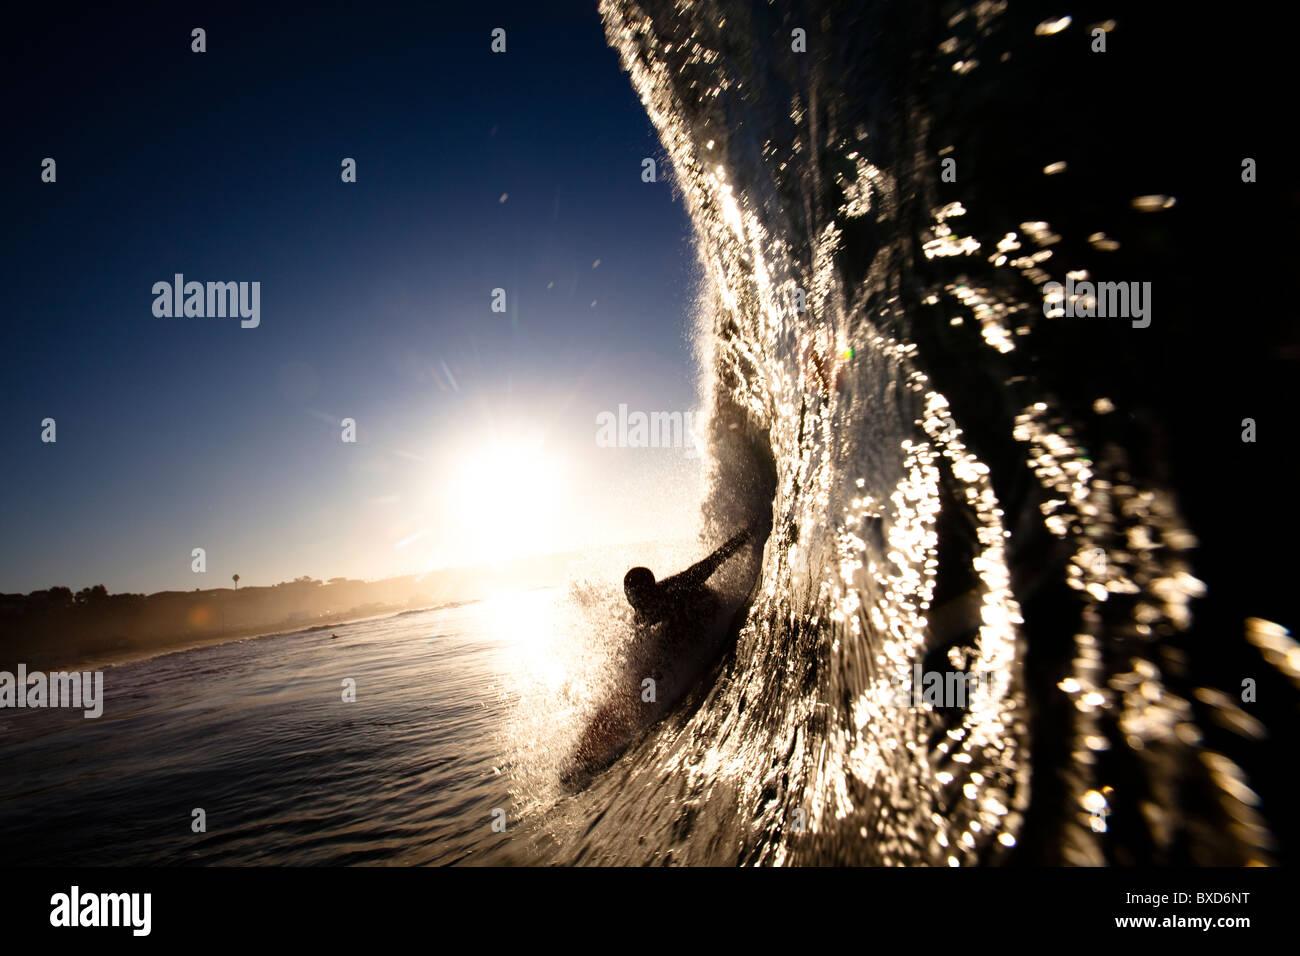 Un surfista masculino tira en un barril, en Zuma Beach en Malibu, California. Imagen De Stock